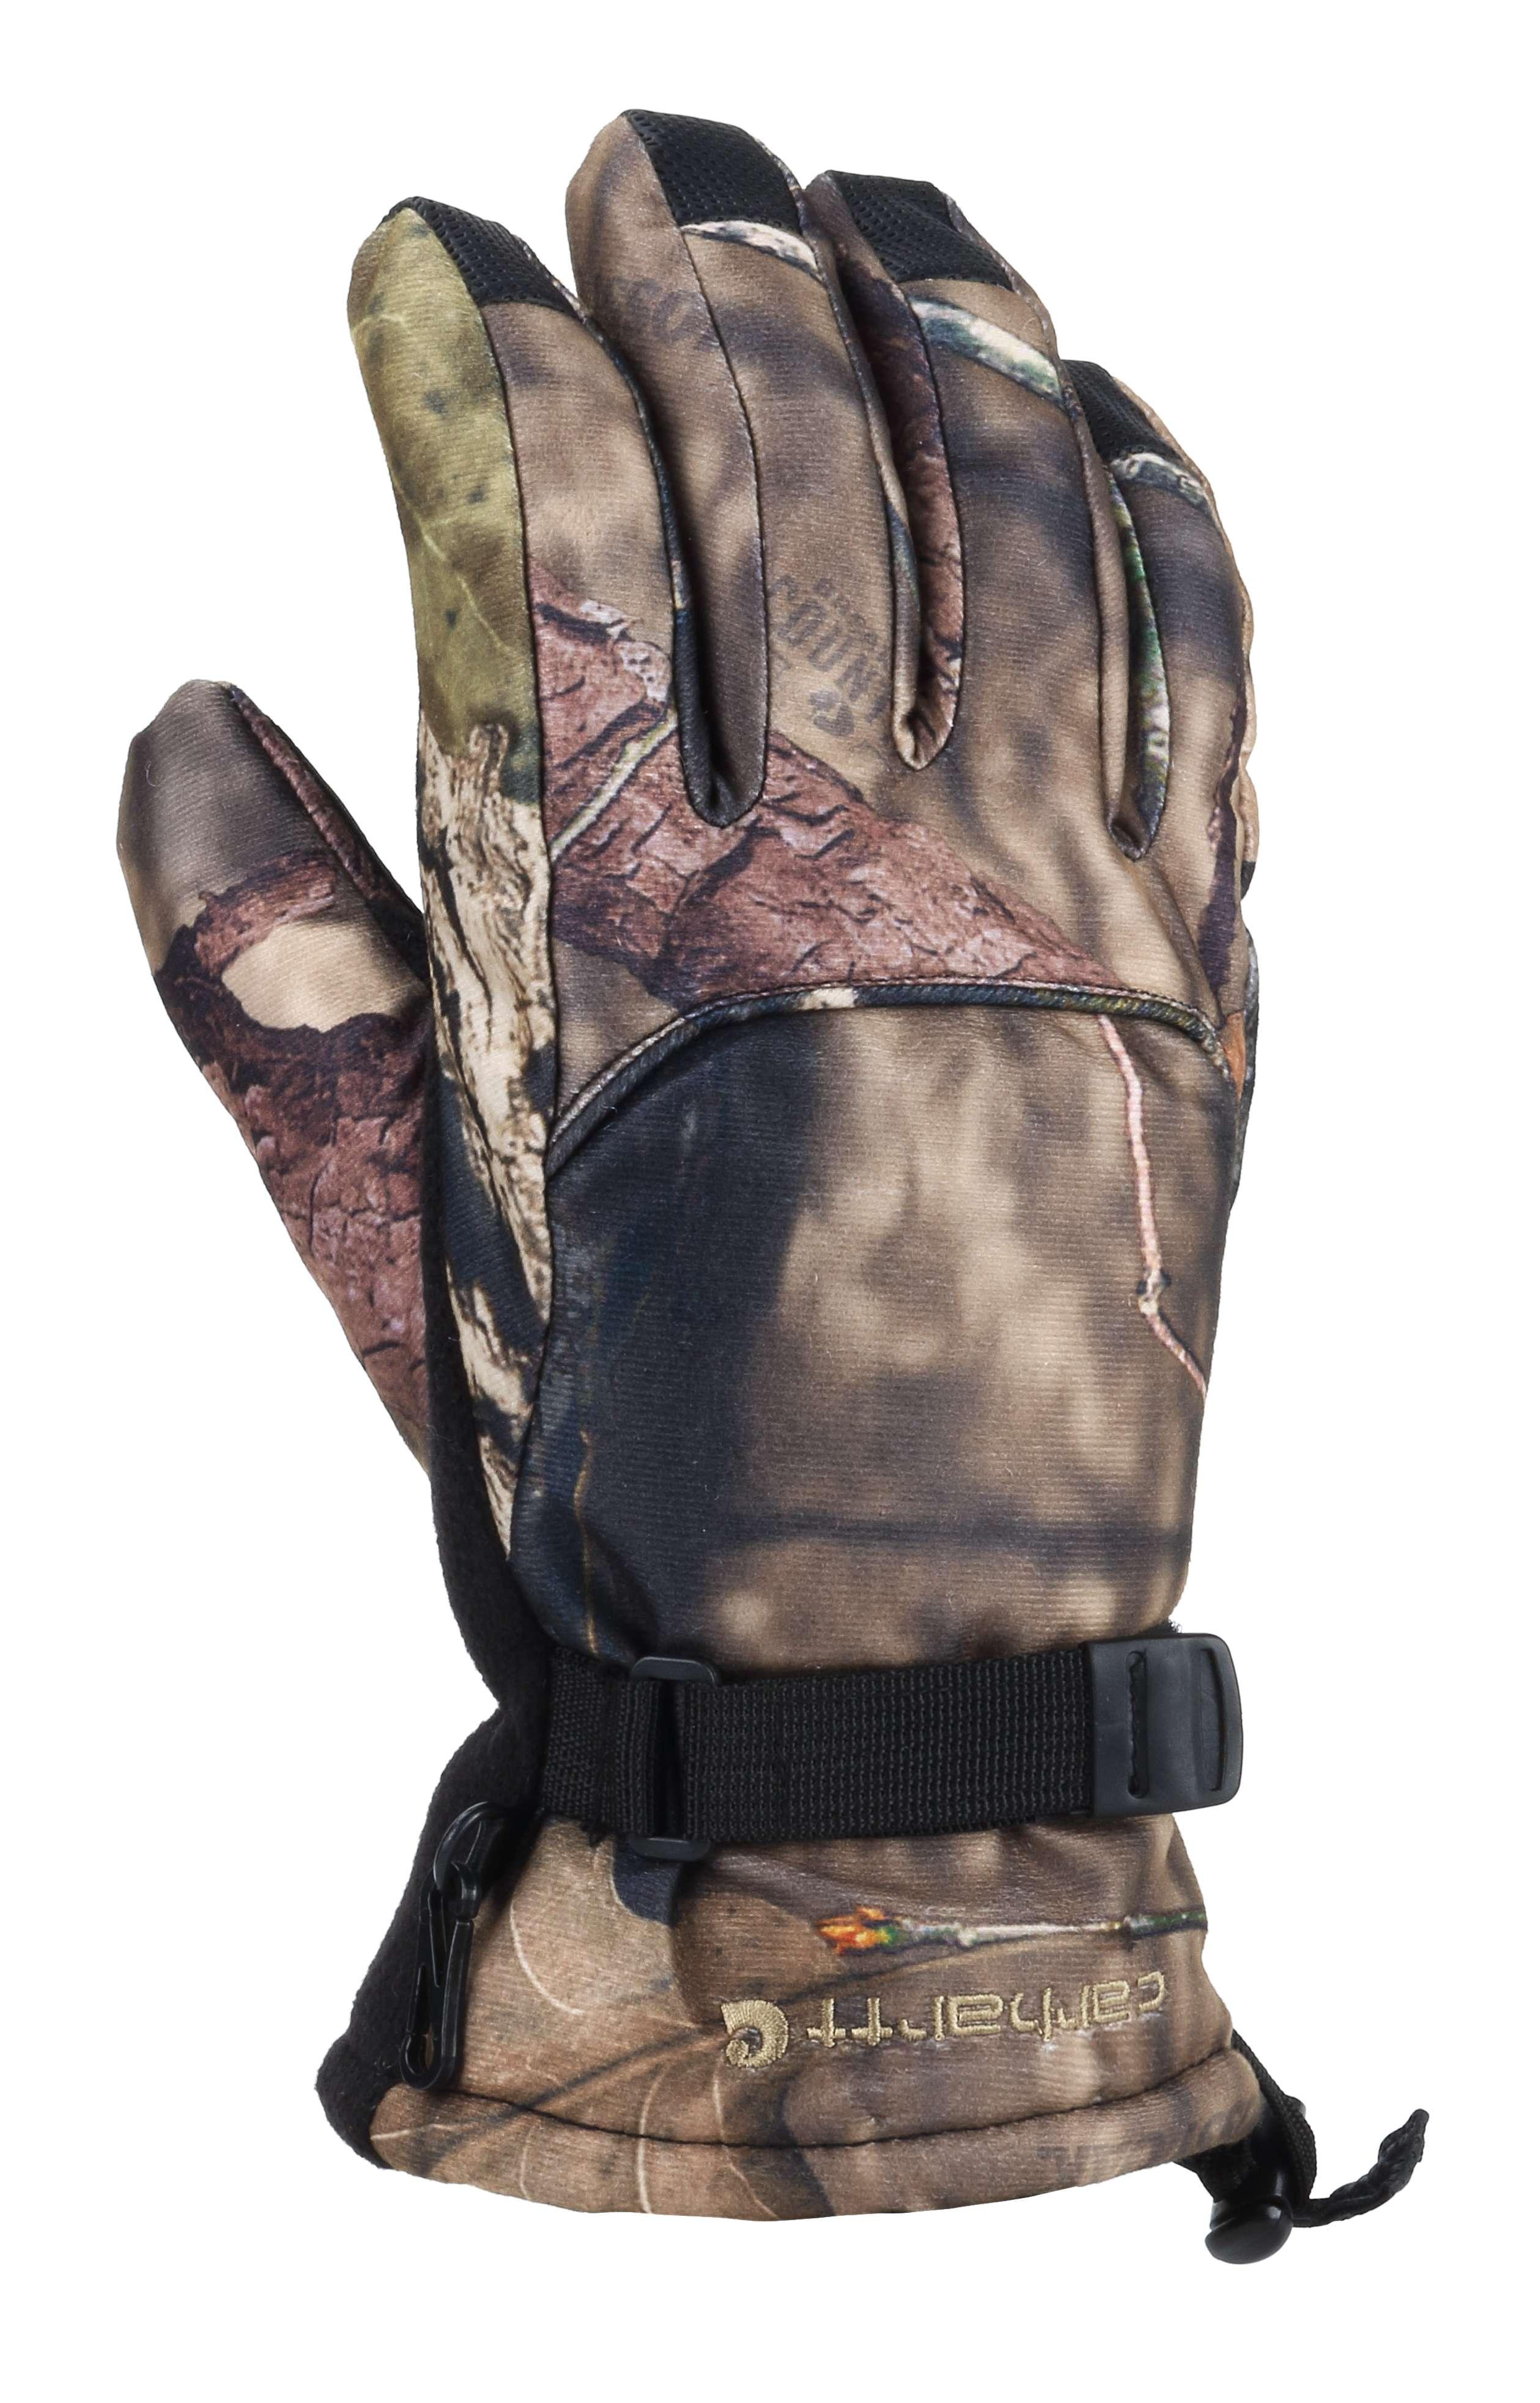 Carhartt Gauntlet Camo Glove